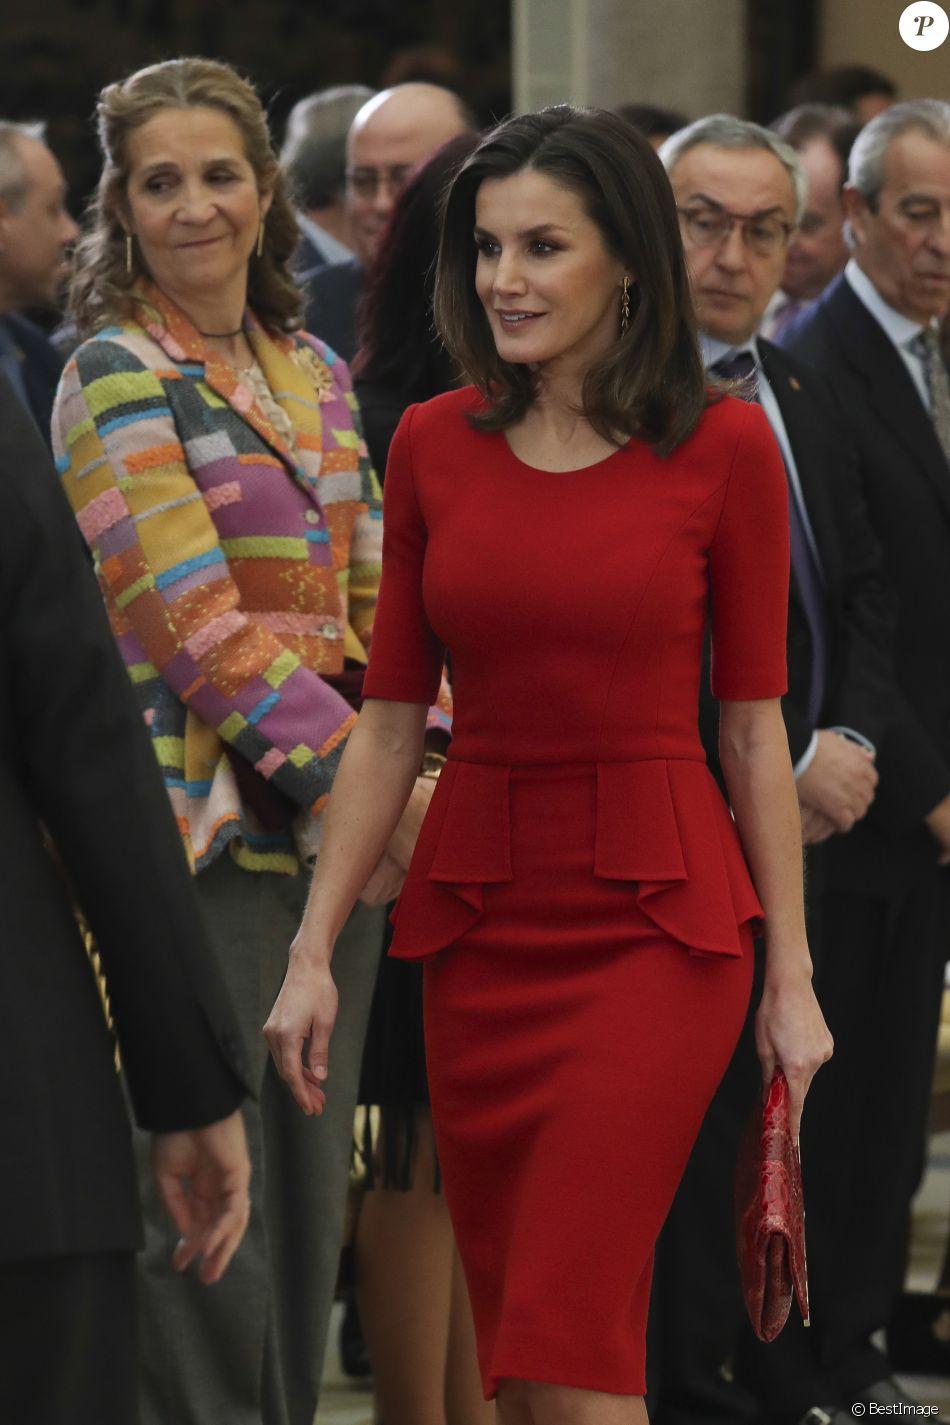 La reine Letizia d'Espagne et, en arrière-plan, l'infante Elena d'Espagne le 10 janvier 2019 lors de la cérémonie des Prix nationaux du sport espagnol, à Madrid.